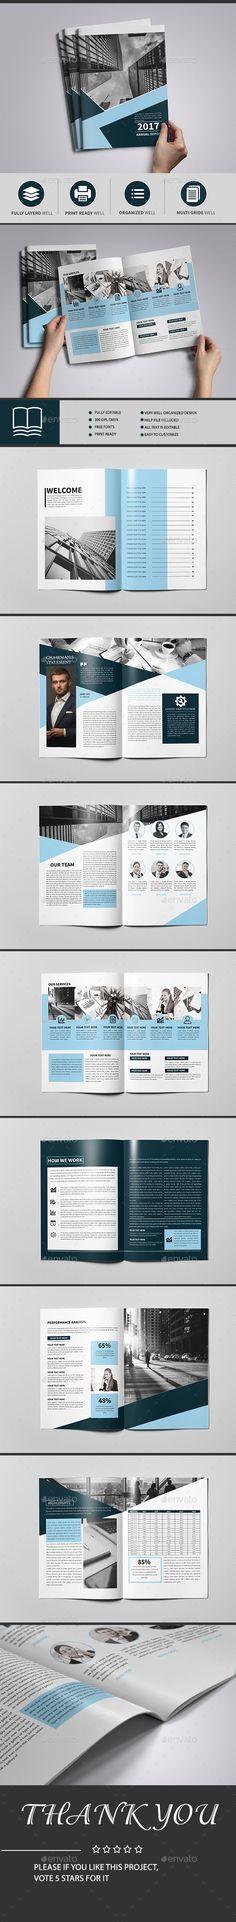 Colorful Multipurpose Brochure 16 Pages | Folletos y Folleto corporativo